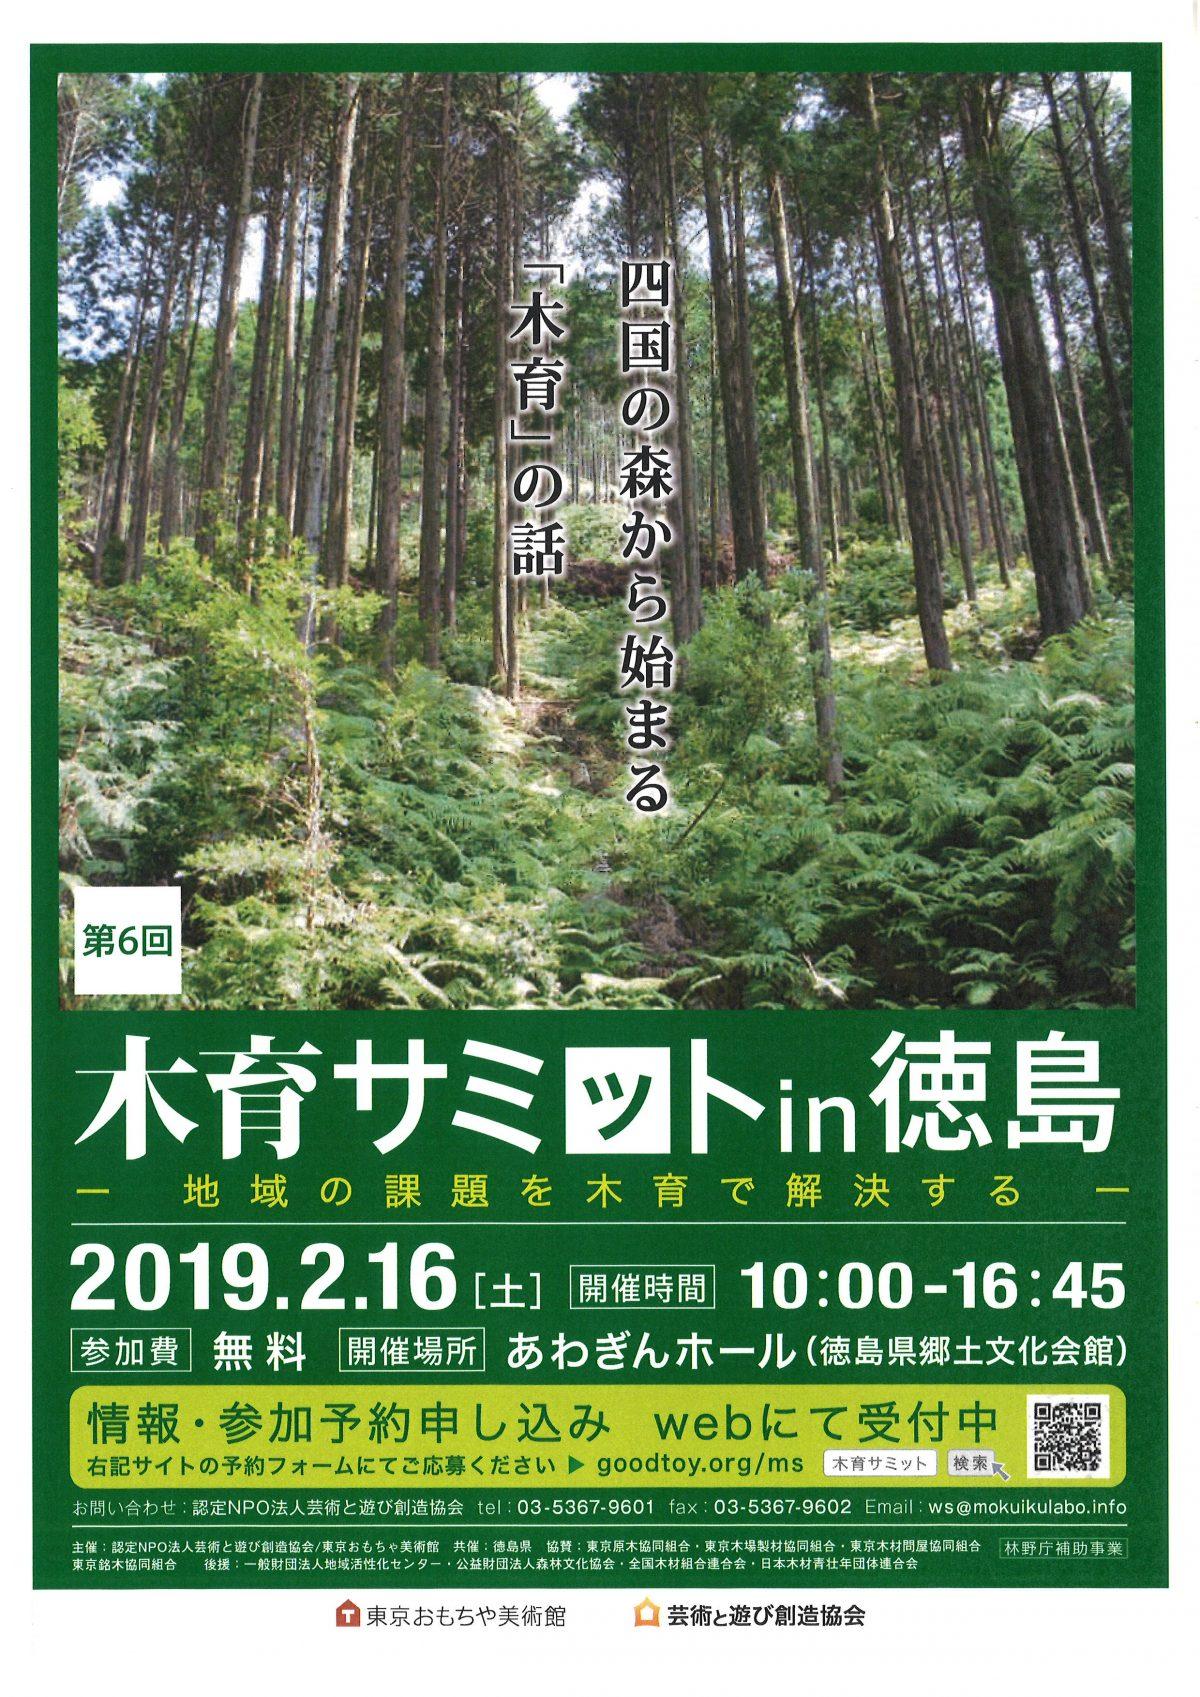 「木育サミット in 徳島」を応援しております